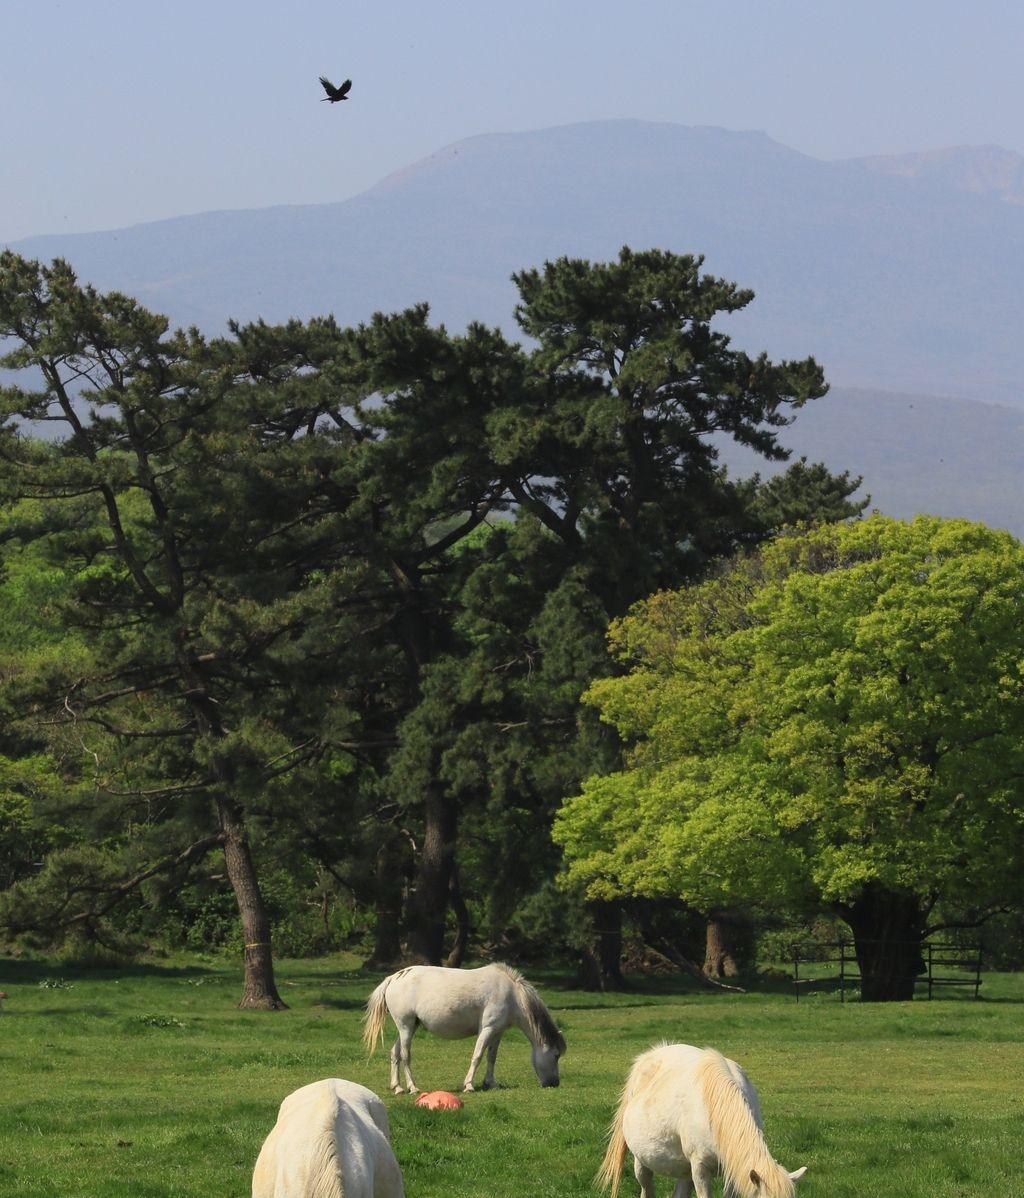 Caballos indígenas de Corea del Sur